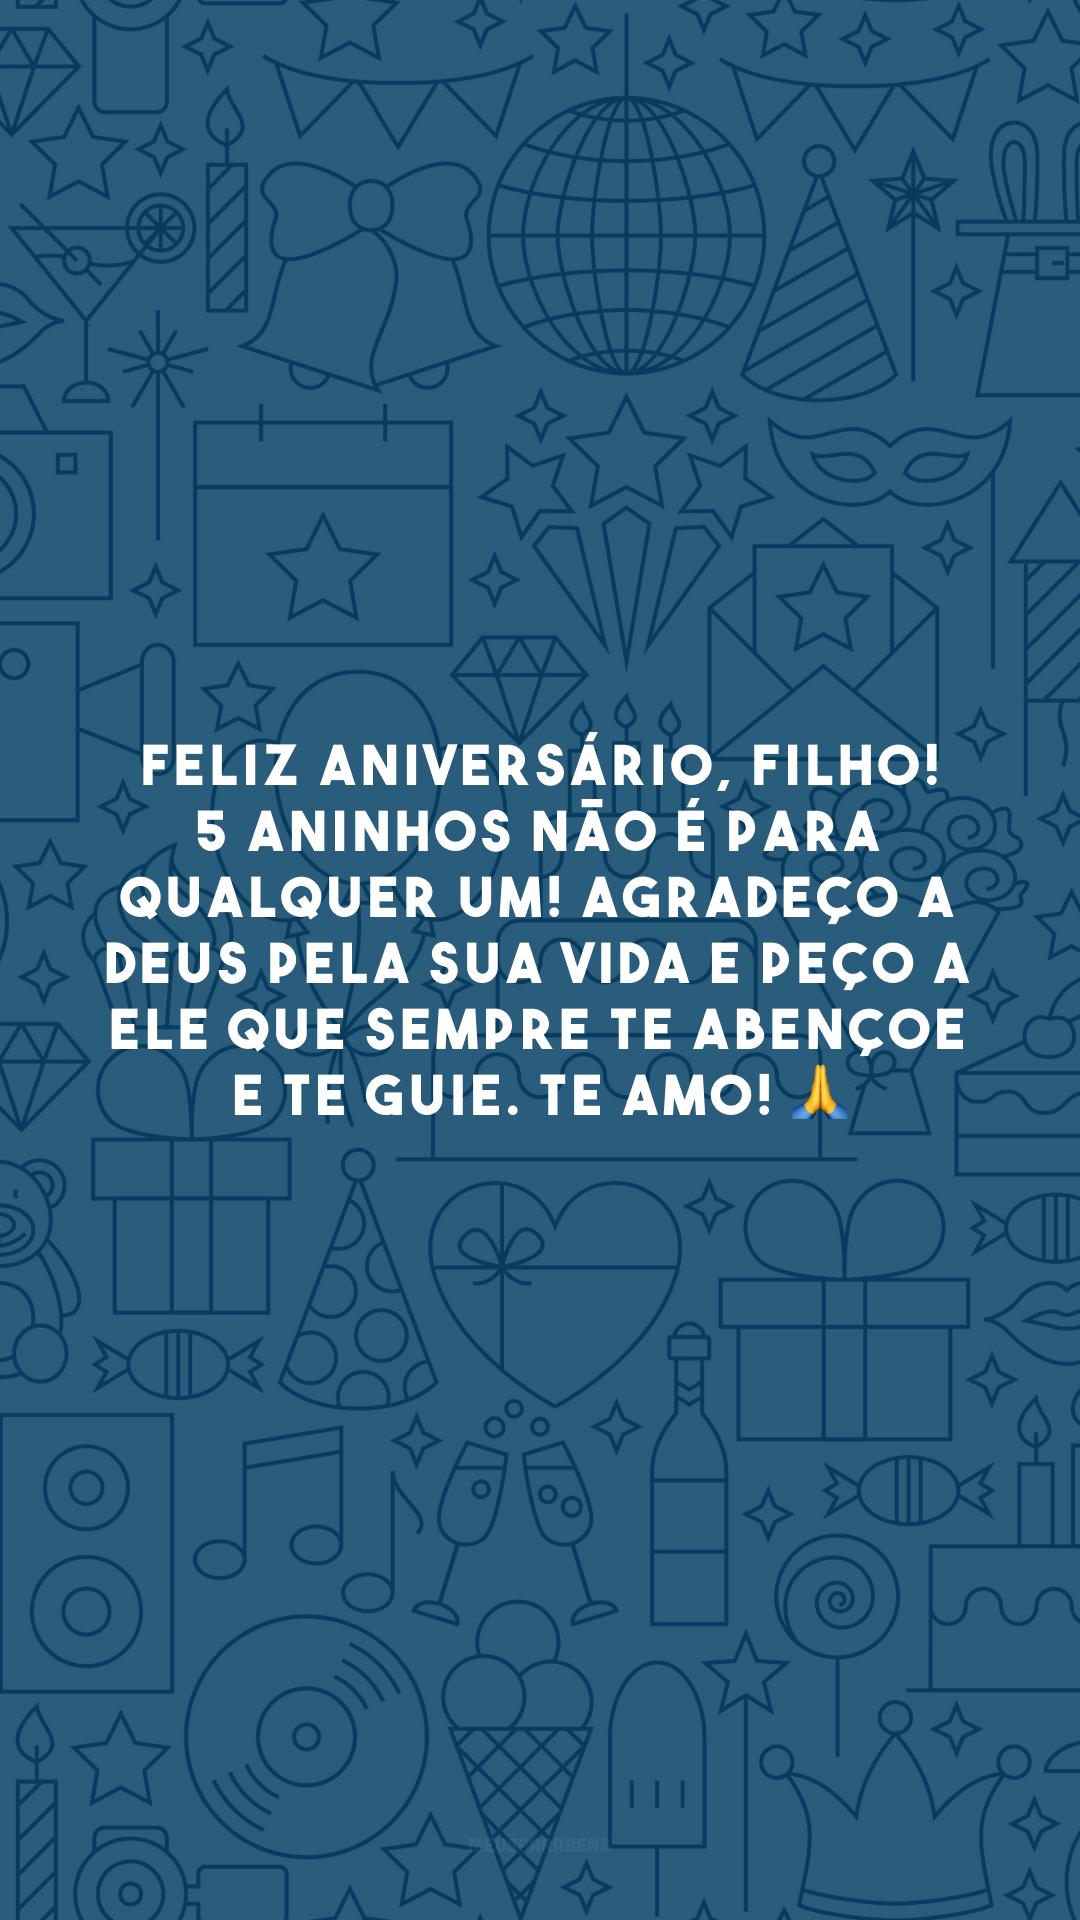 Feliz aniversário, filho! 5 aninhos não é para qualquer um! Agradeço a Deus pela sua vida e peço a Ele que sempre te abençoe e te guie. Te amo!